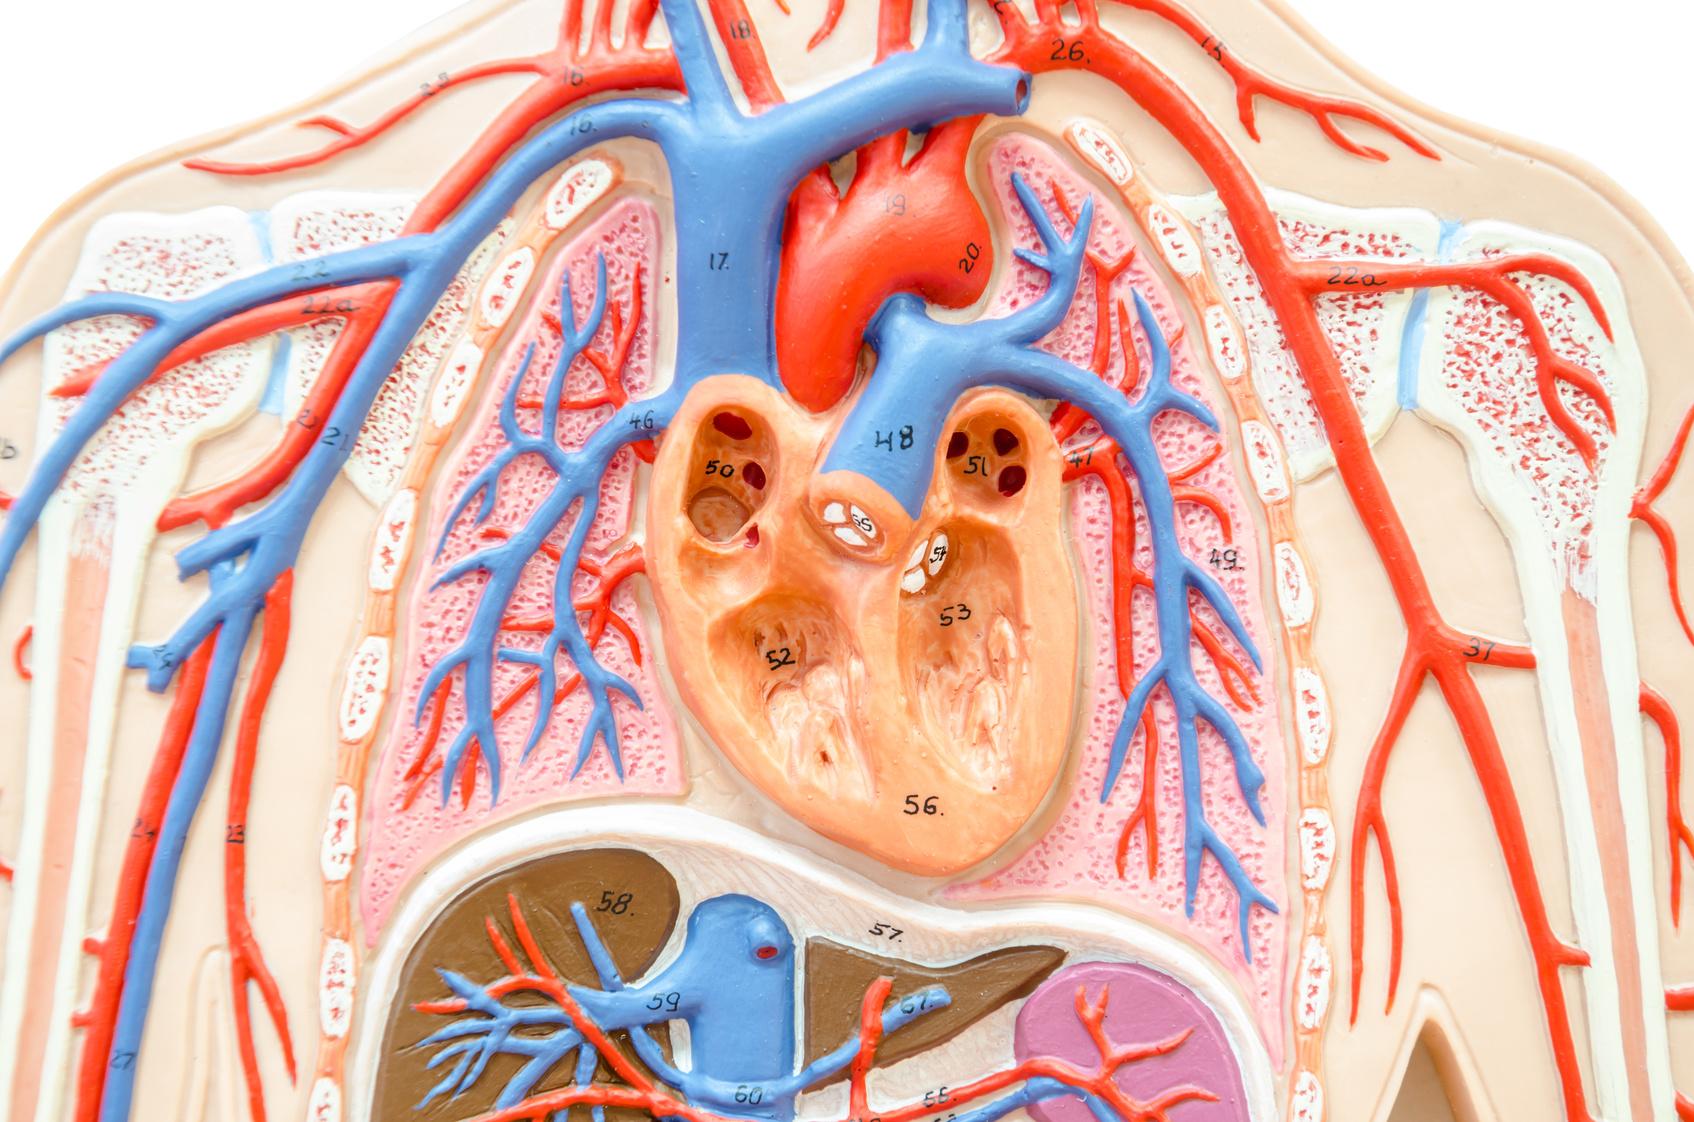 肺高血圧症はまれな病気ですが、やせ薬を内服しているとリスクが上がります!